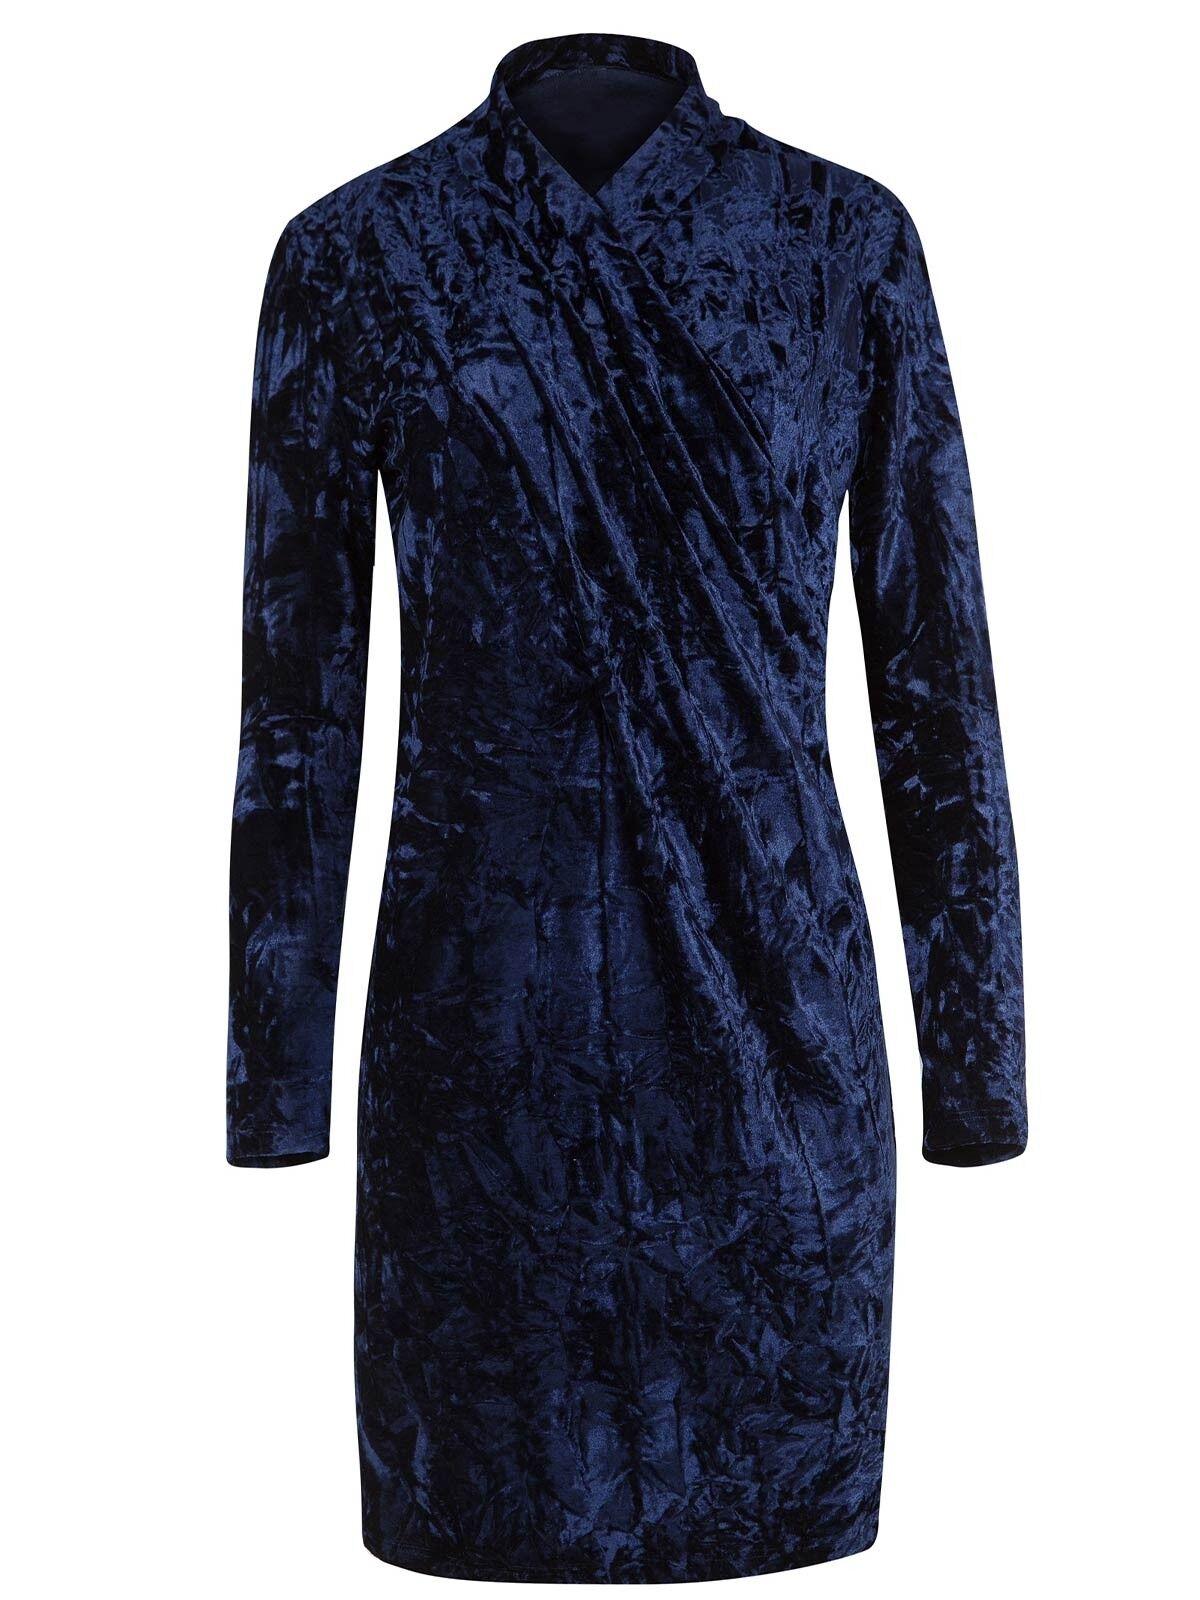 Nachthemd von Cybele 7-800279 Gr. 36-48 in Nachtblue